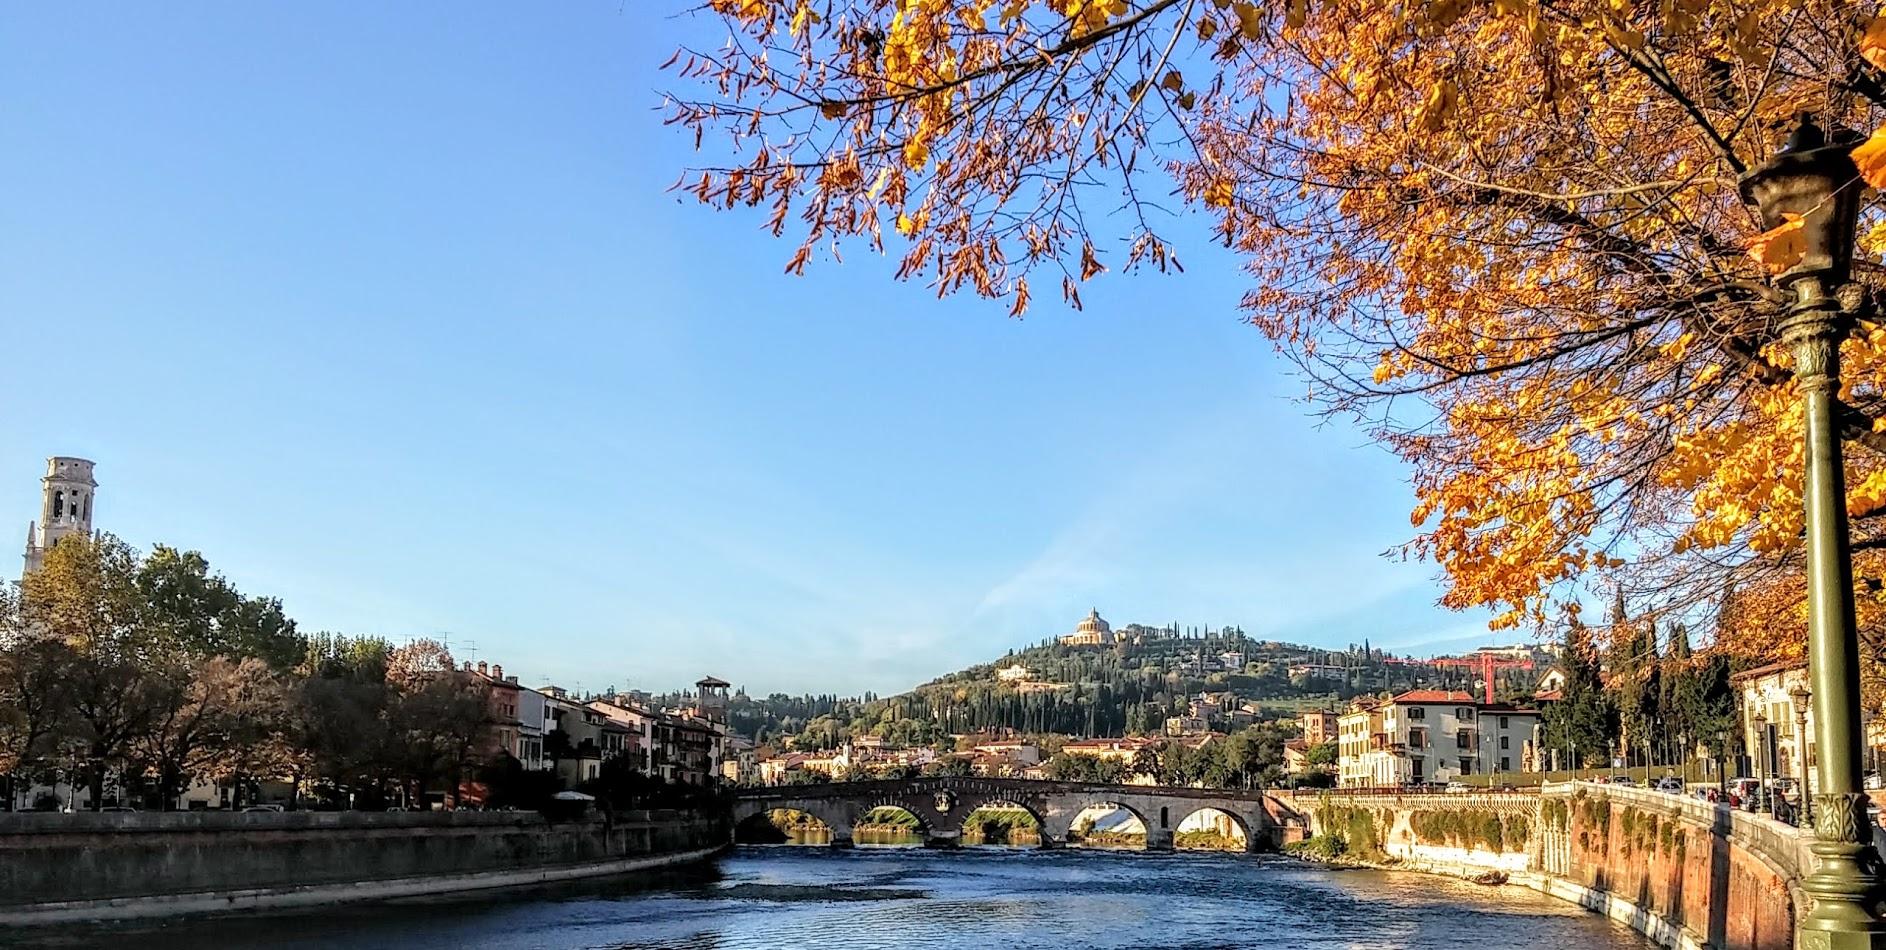 Arriva l'autunno a Verona!